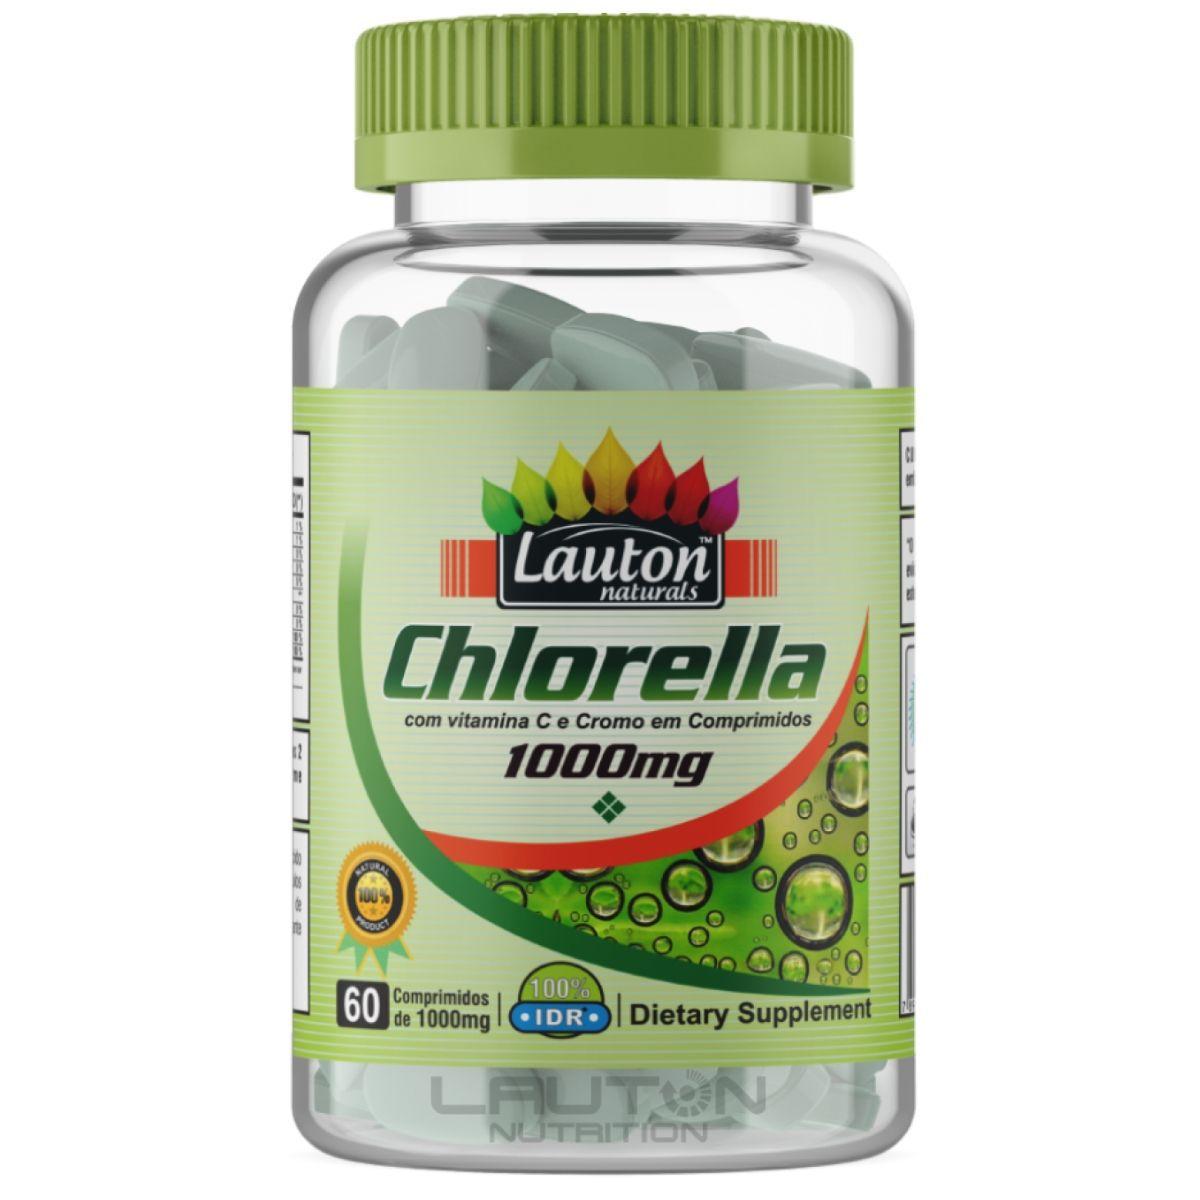 Chlorella Lauton Nutrition 60 Comprimidos 1000mg